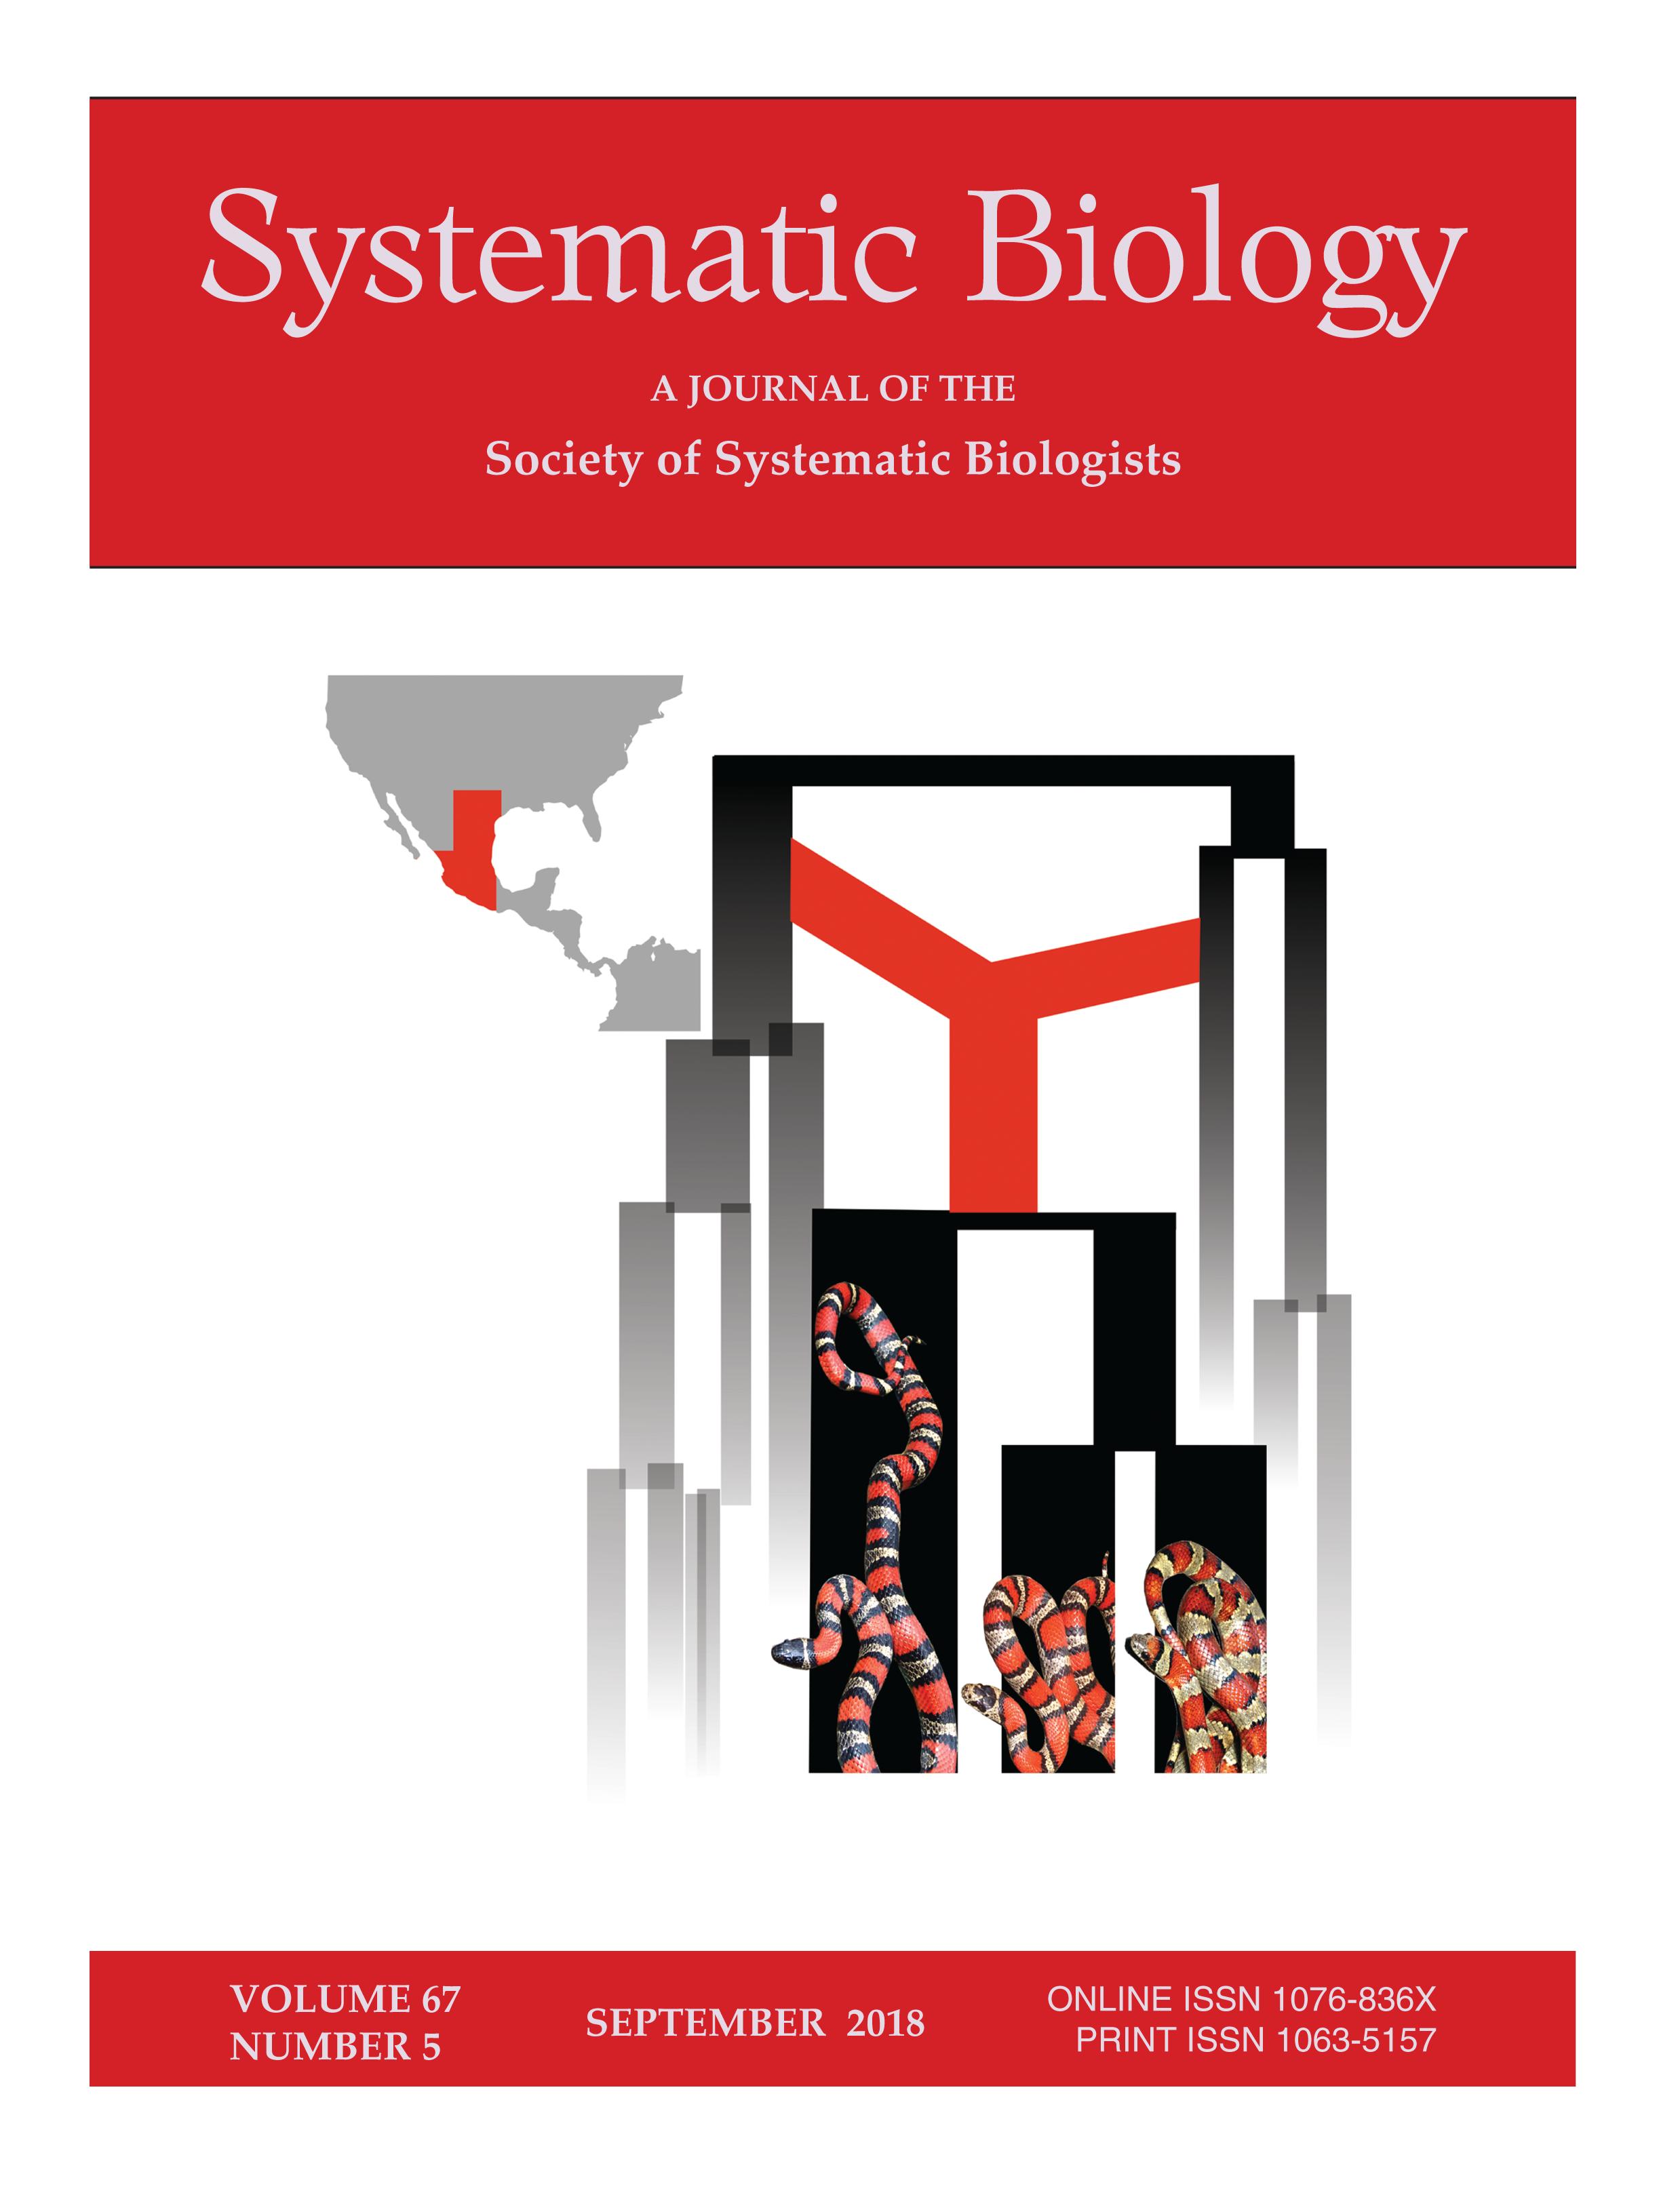 sysbio_coverfig